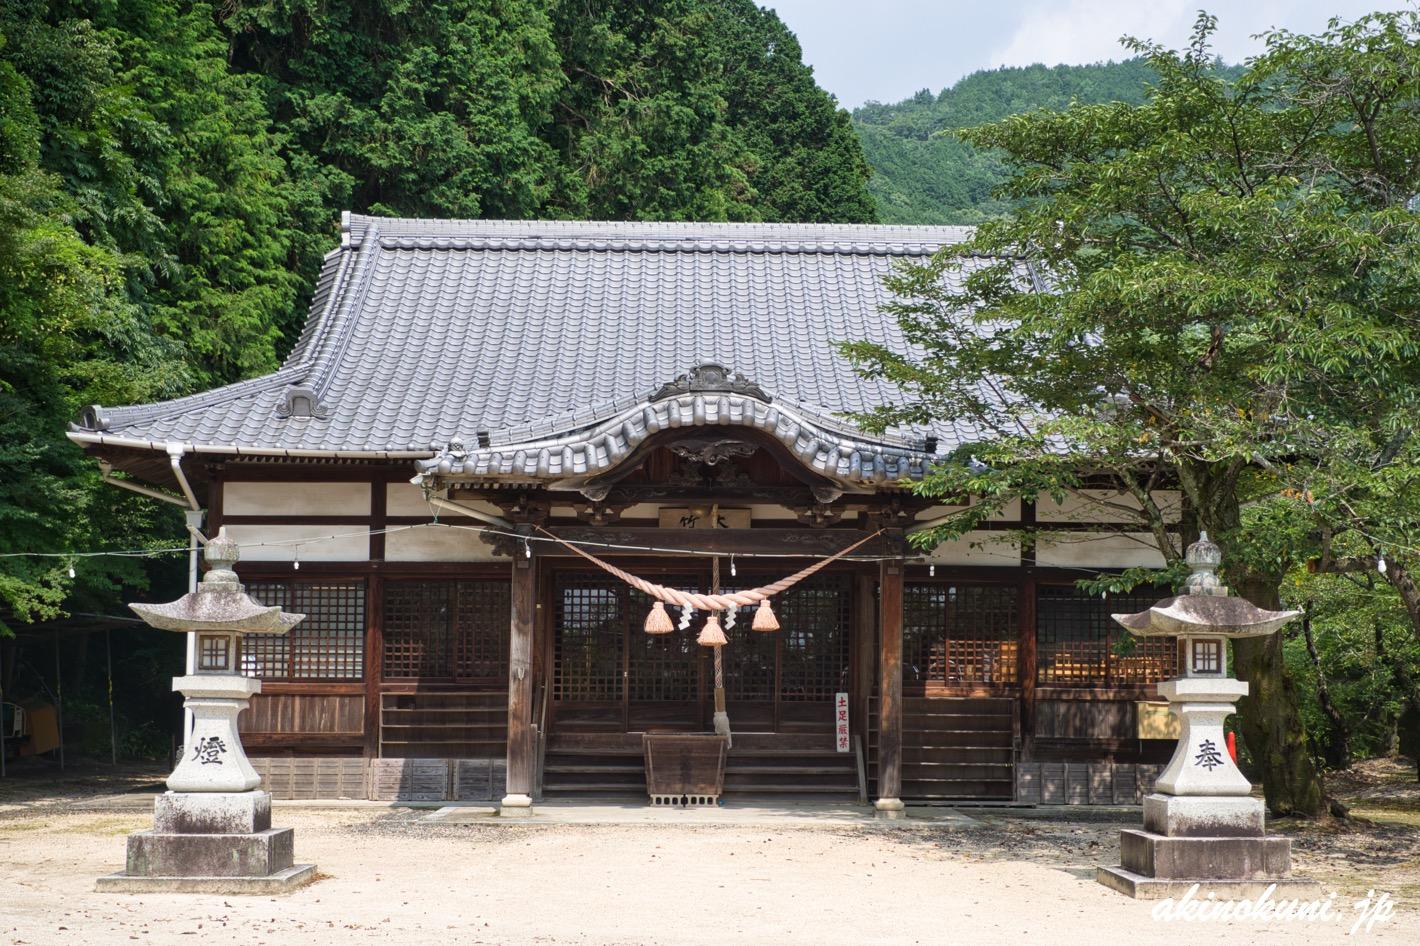 大竹招魂社 拝殿